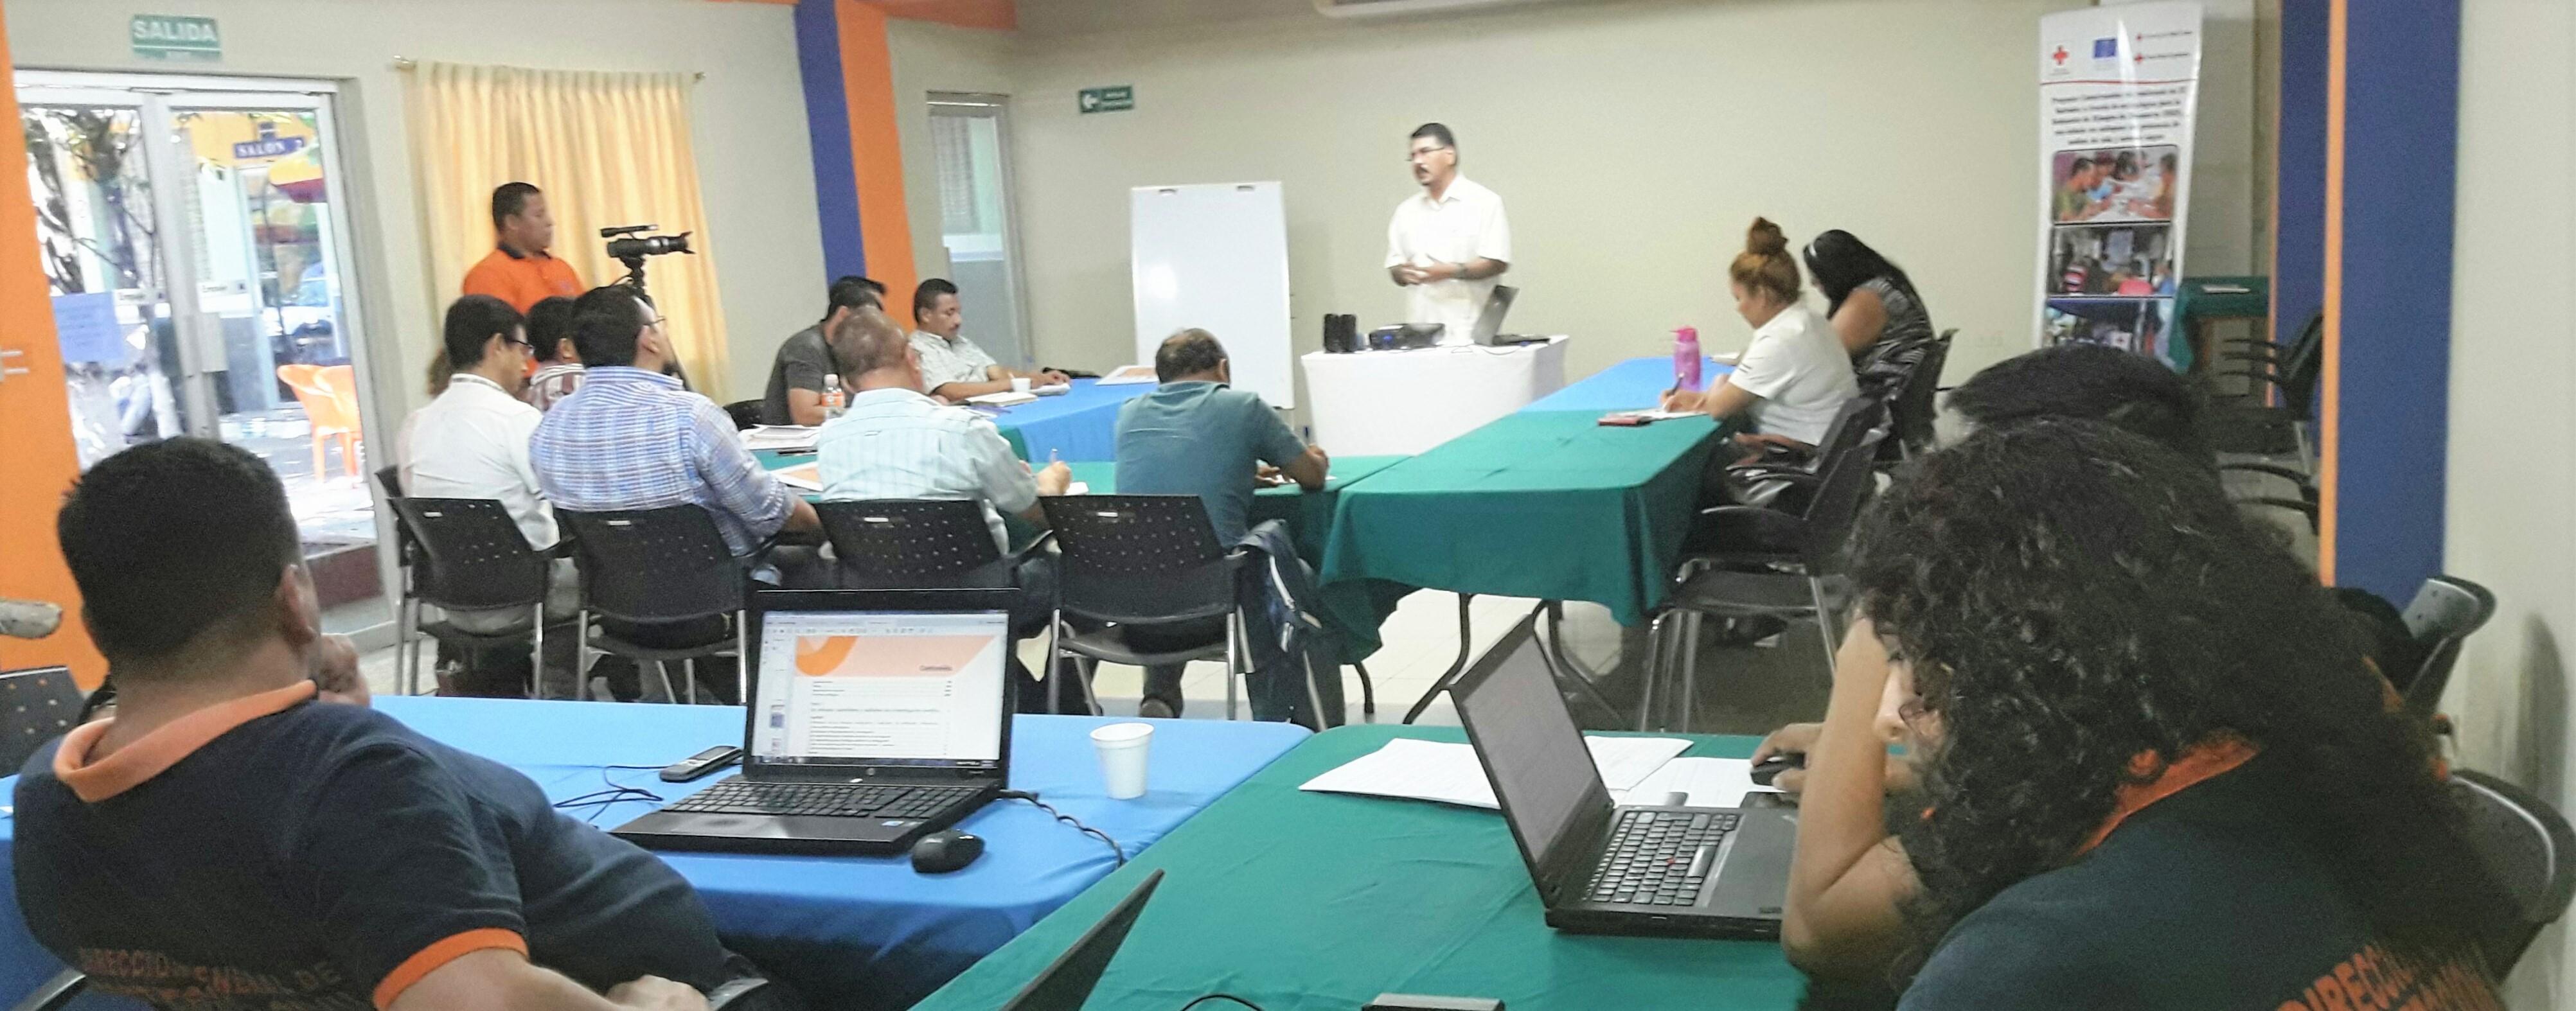 Realizan procesos formativos sobre la gestión de integral para la reducción de desastres con docentes UES de zona paracentral y oriente del país